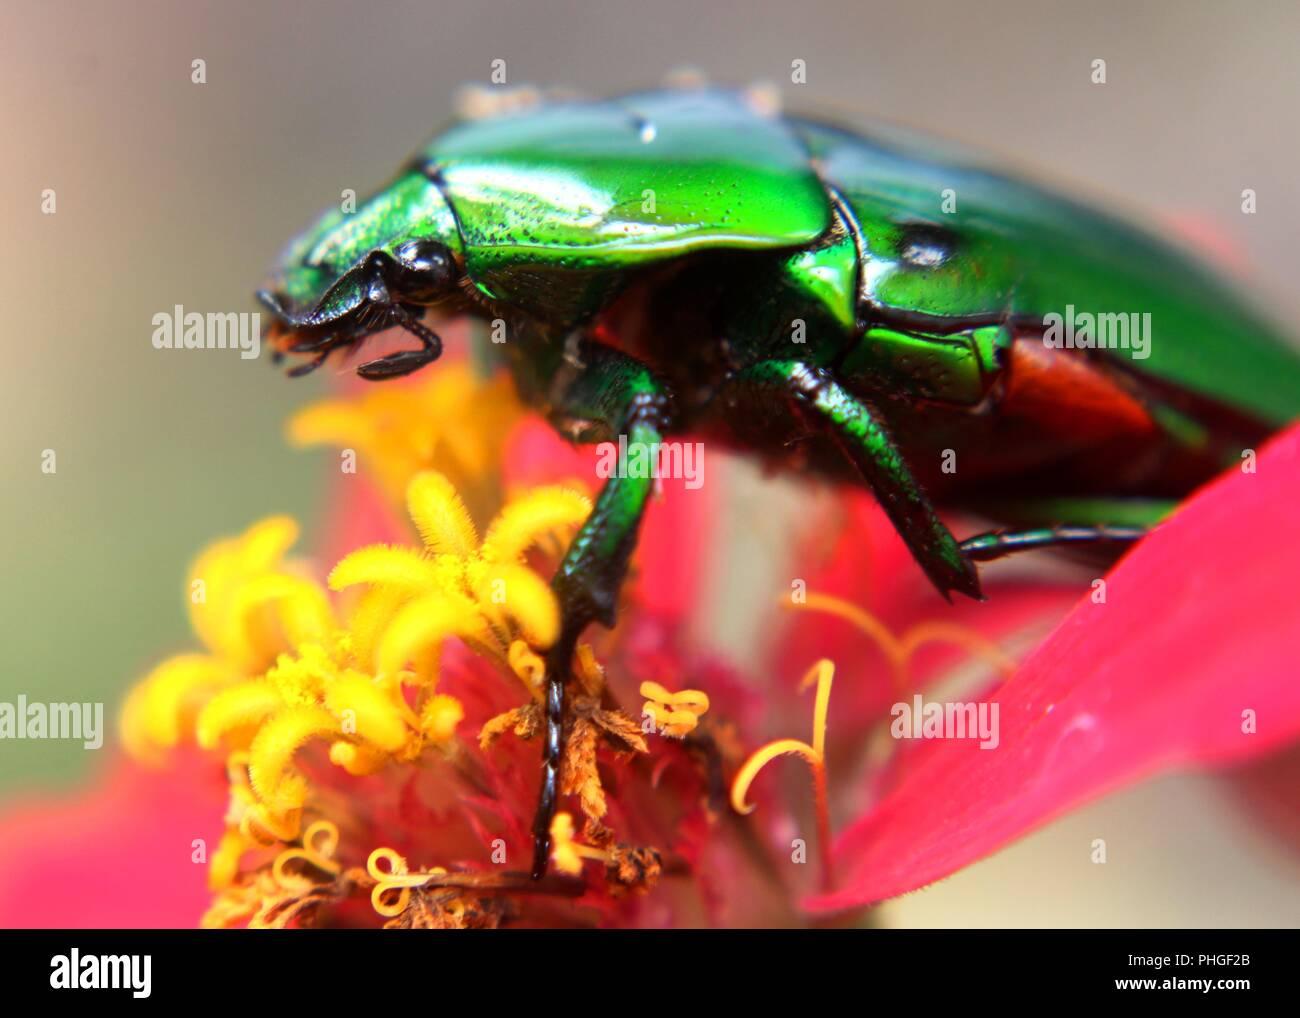 Gros plan d'une couleur vert lumineux, insecte bousier, scarabée sacré trouvé dans un jardin au Sri Lanka Banque D'Images